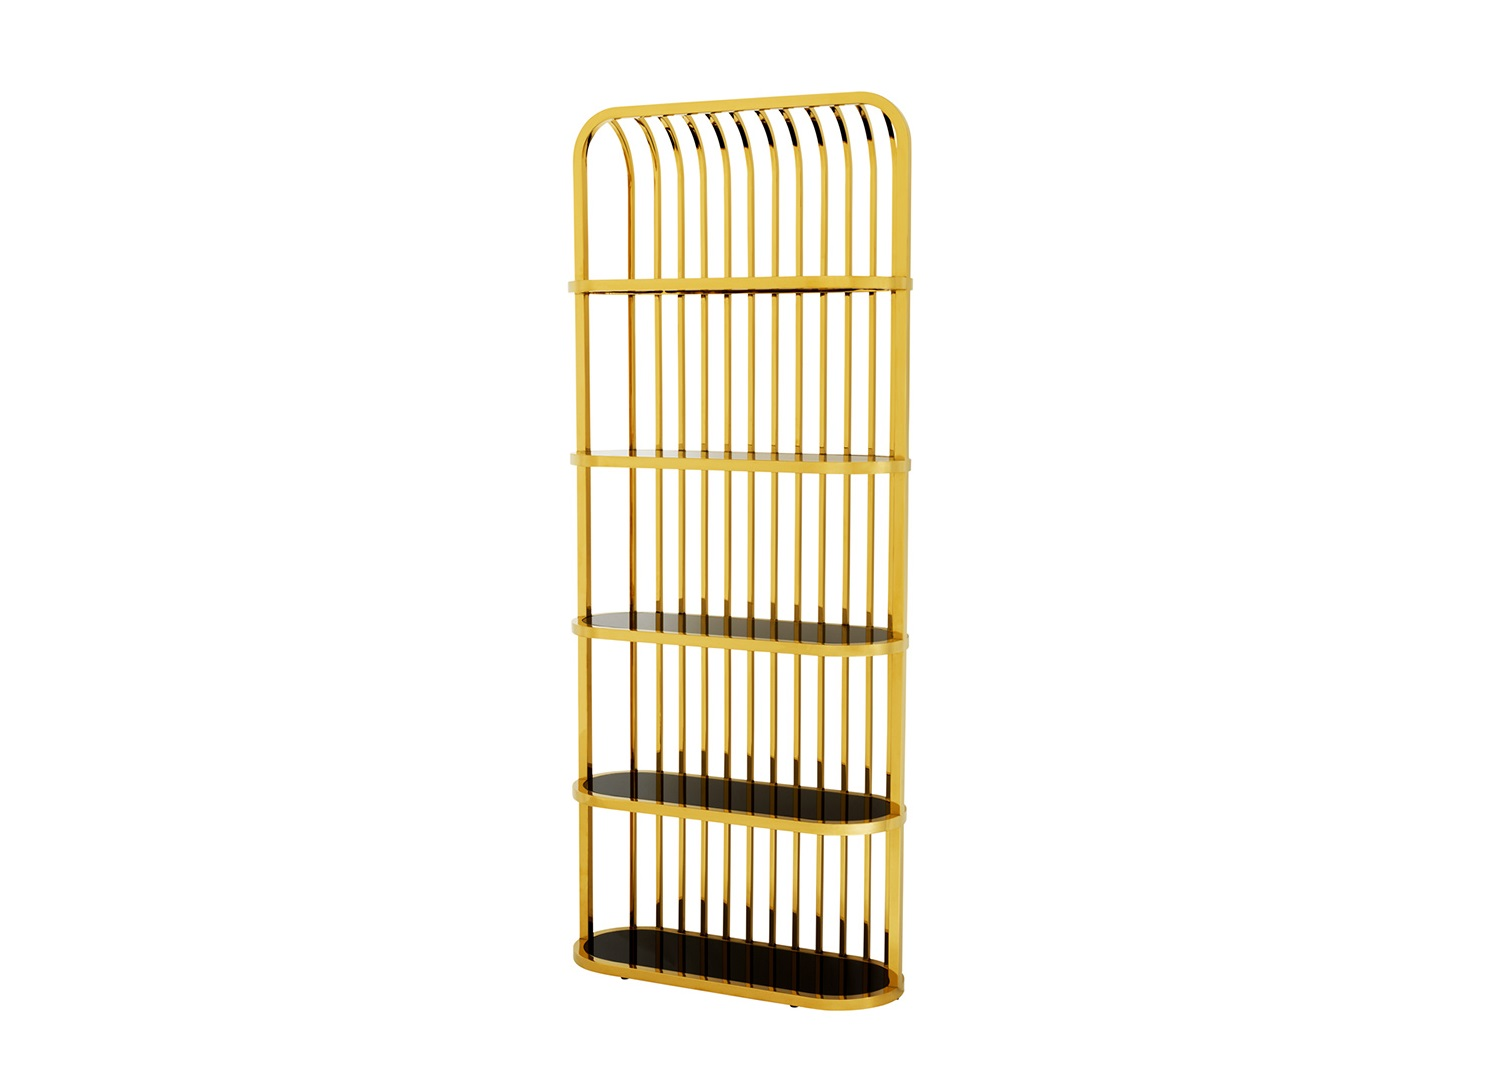 СтеллажСтеллажи и этажерки<br>Стеллаж Cabinet Eliot выполнен из металла золотого цвета. Полки из плотного стекла черного цвета.<br><br>Material: Металл<br>Ширина см: 95.0<br>Высота см: 230.0<br>Глубина см: 36.0